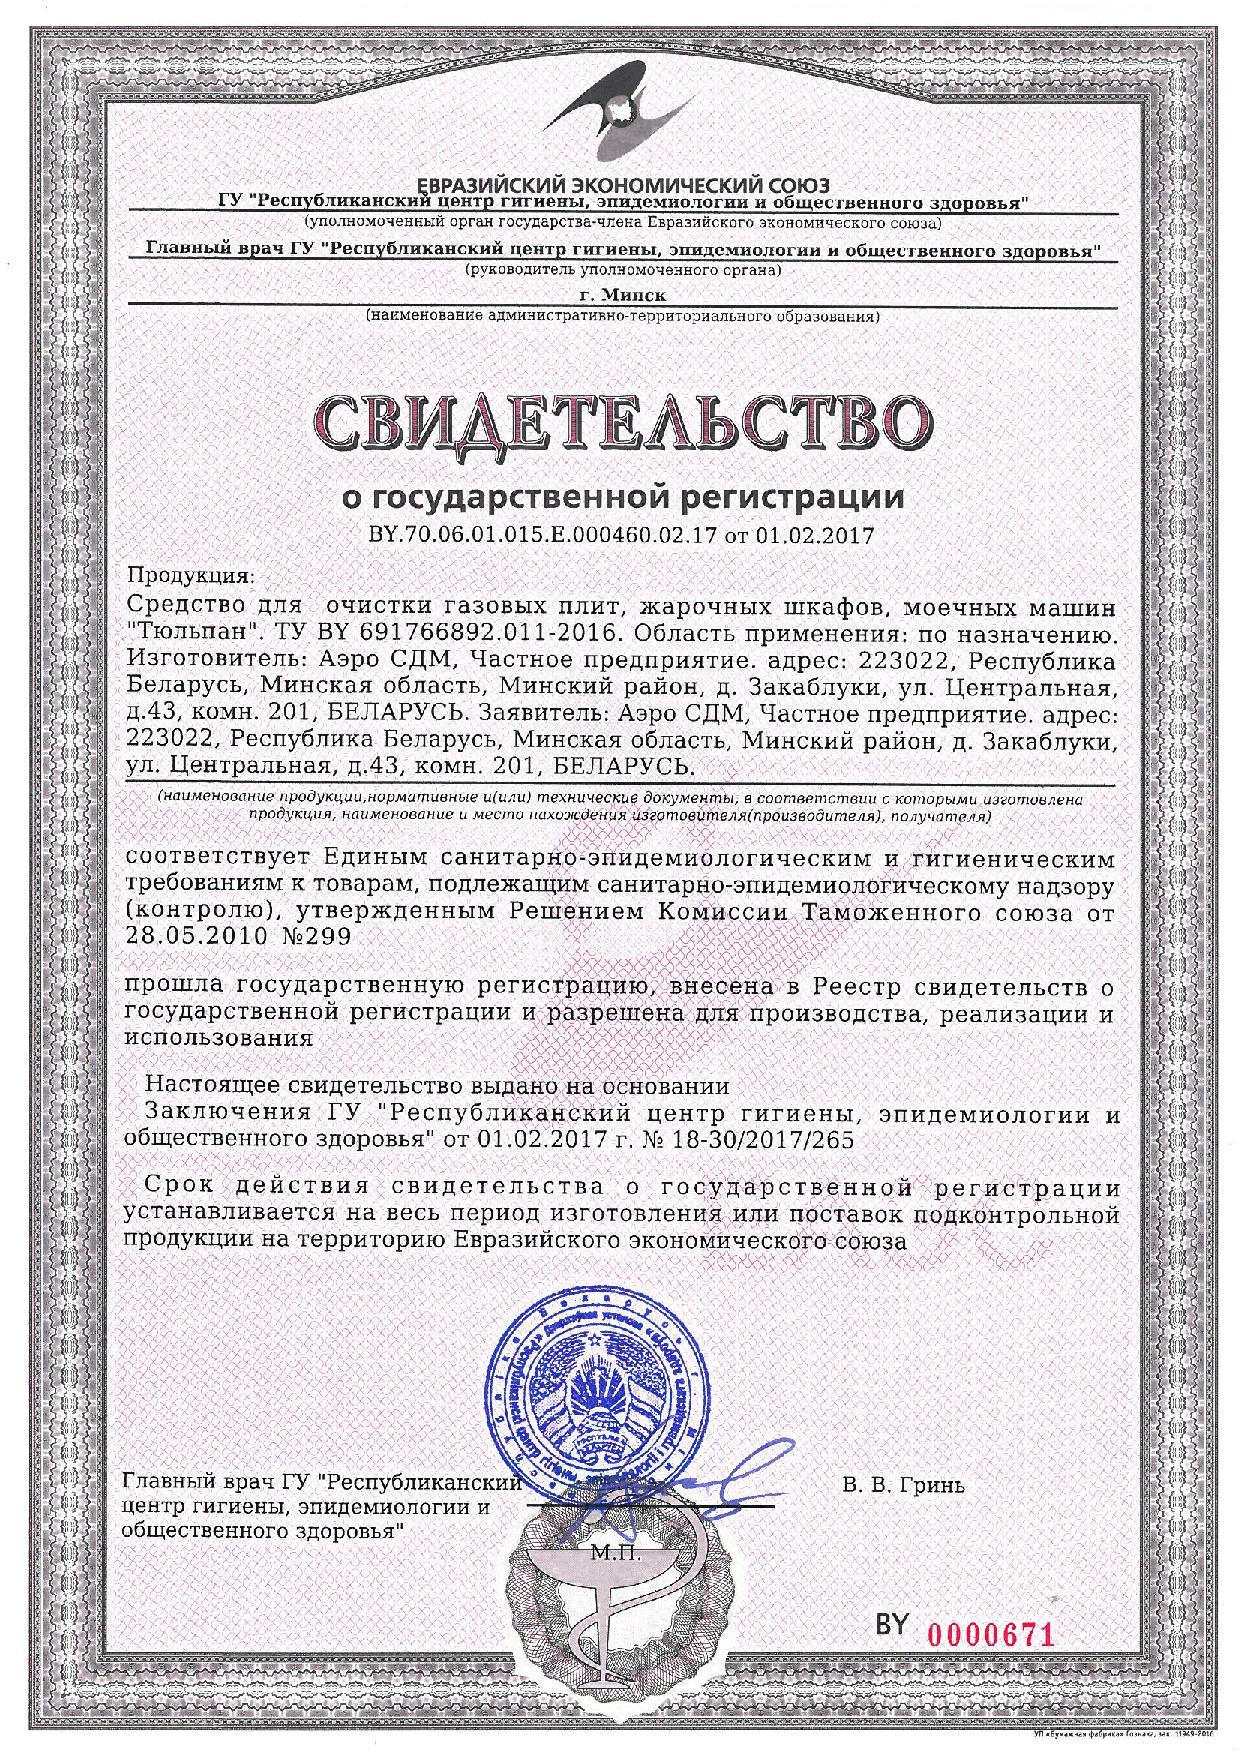 sredstvo-dlya-ochistki-gazovyx-plit